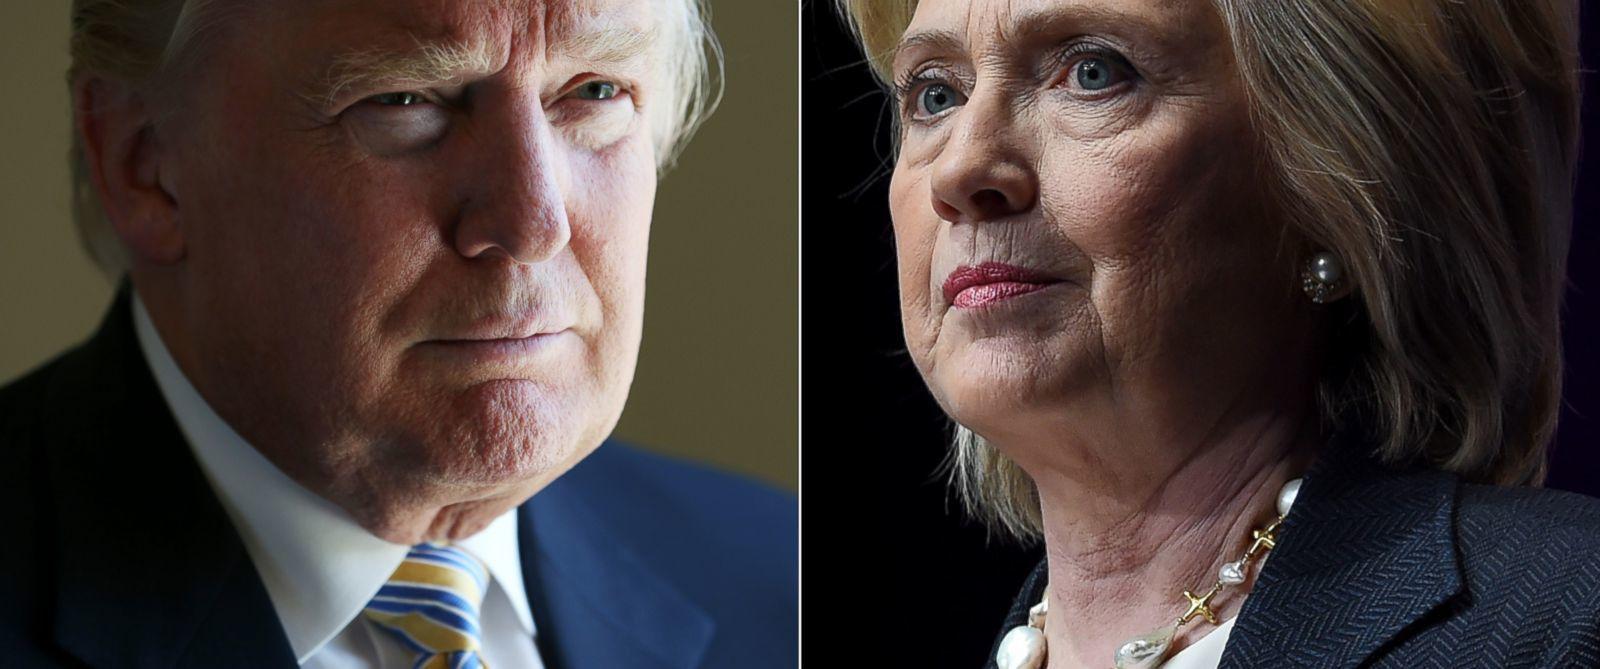 Est-ce que l'élection américaine est truquée ? (WSWS)